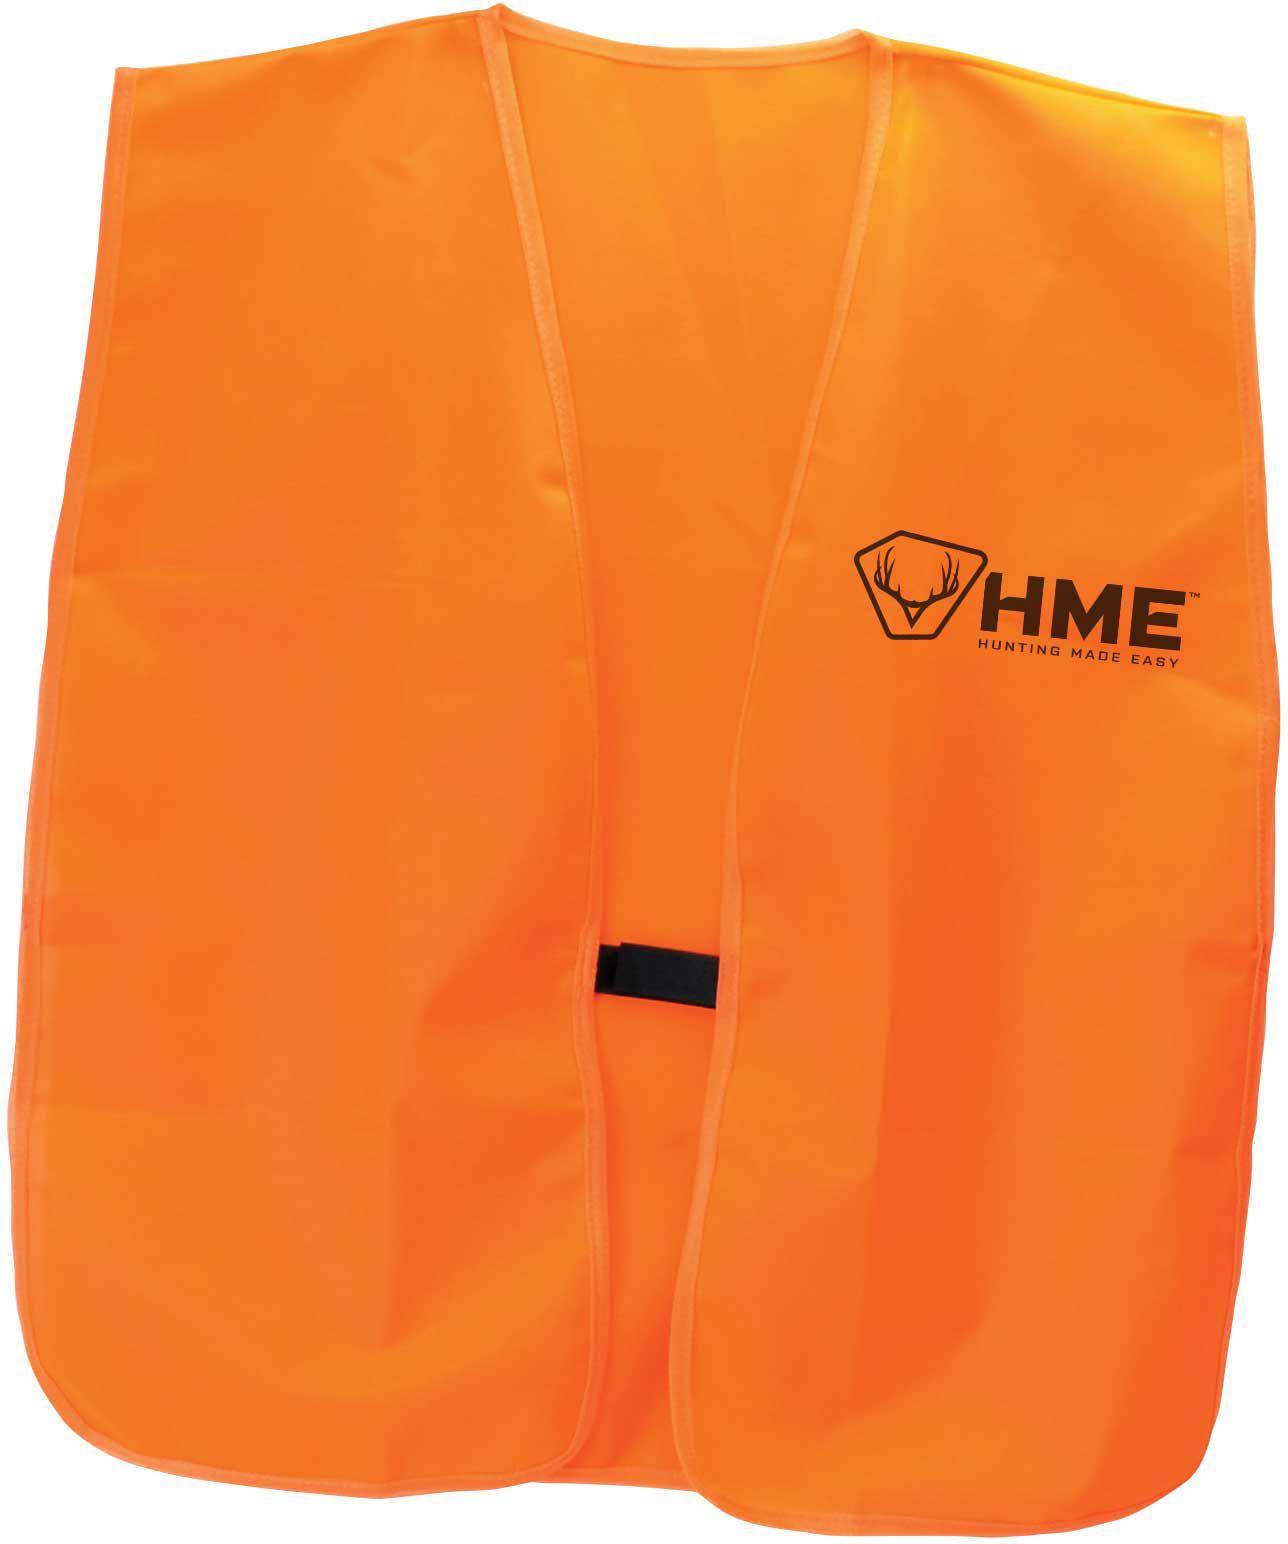 HME Orange Safety Vest, Men's